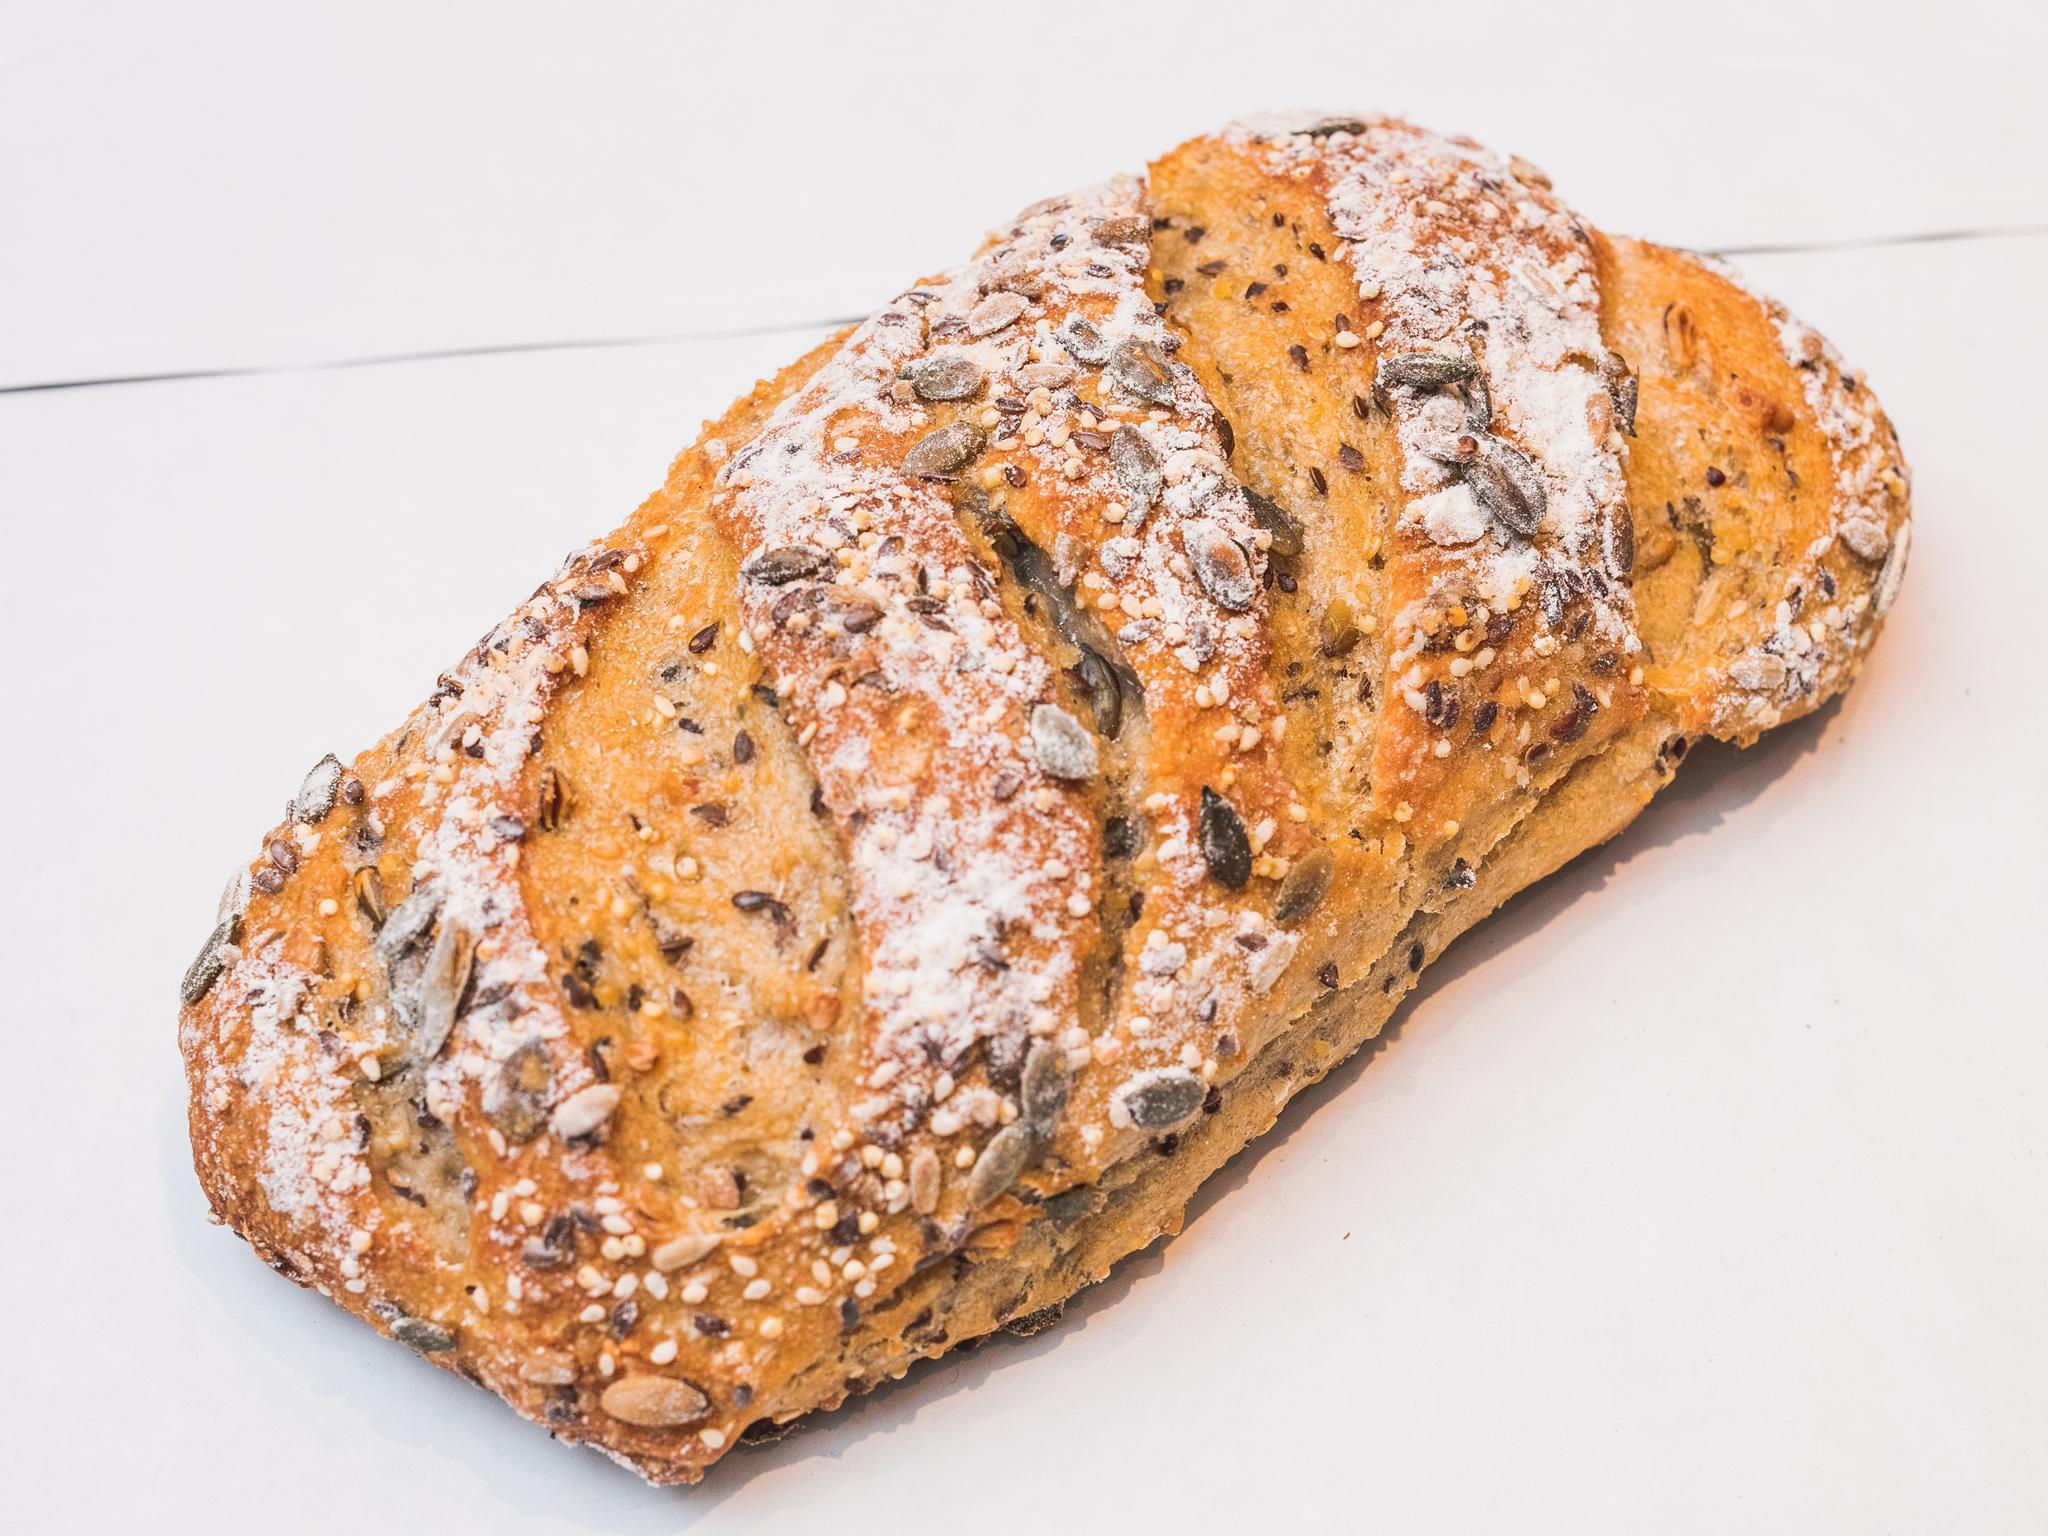 Paul - Cascais, Pão de seis cereais